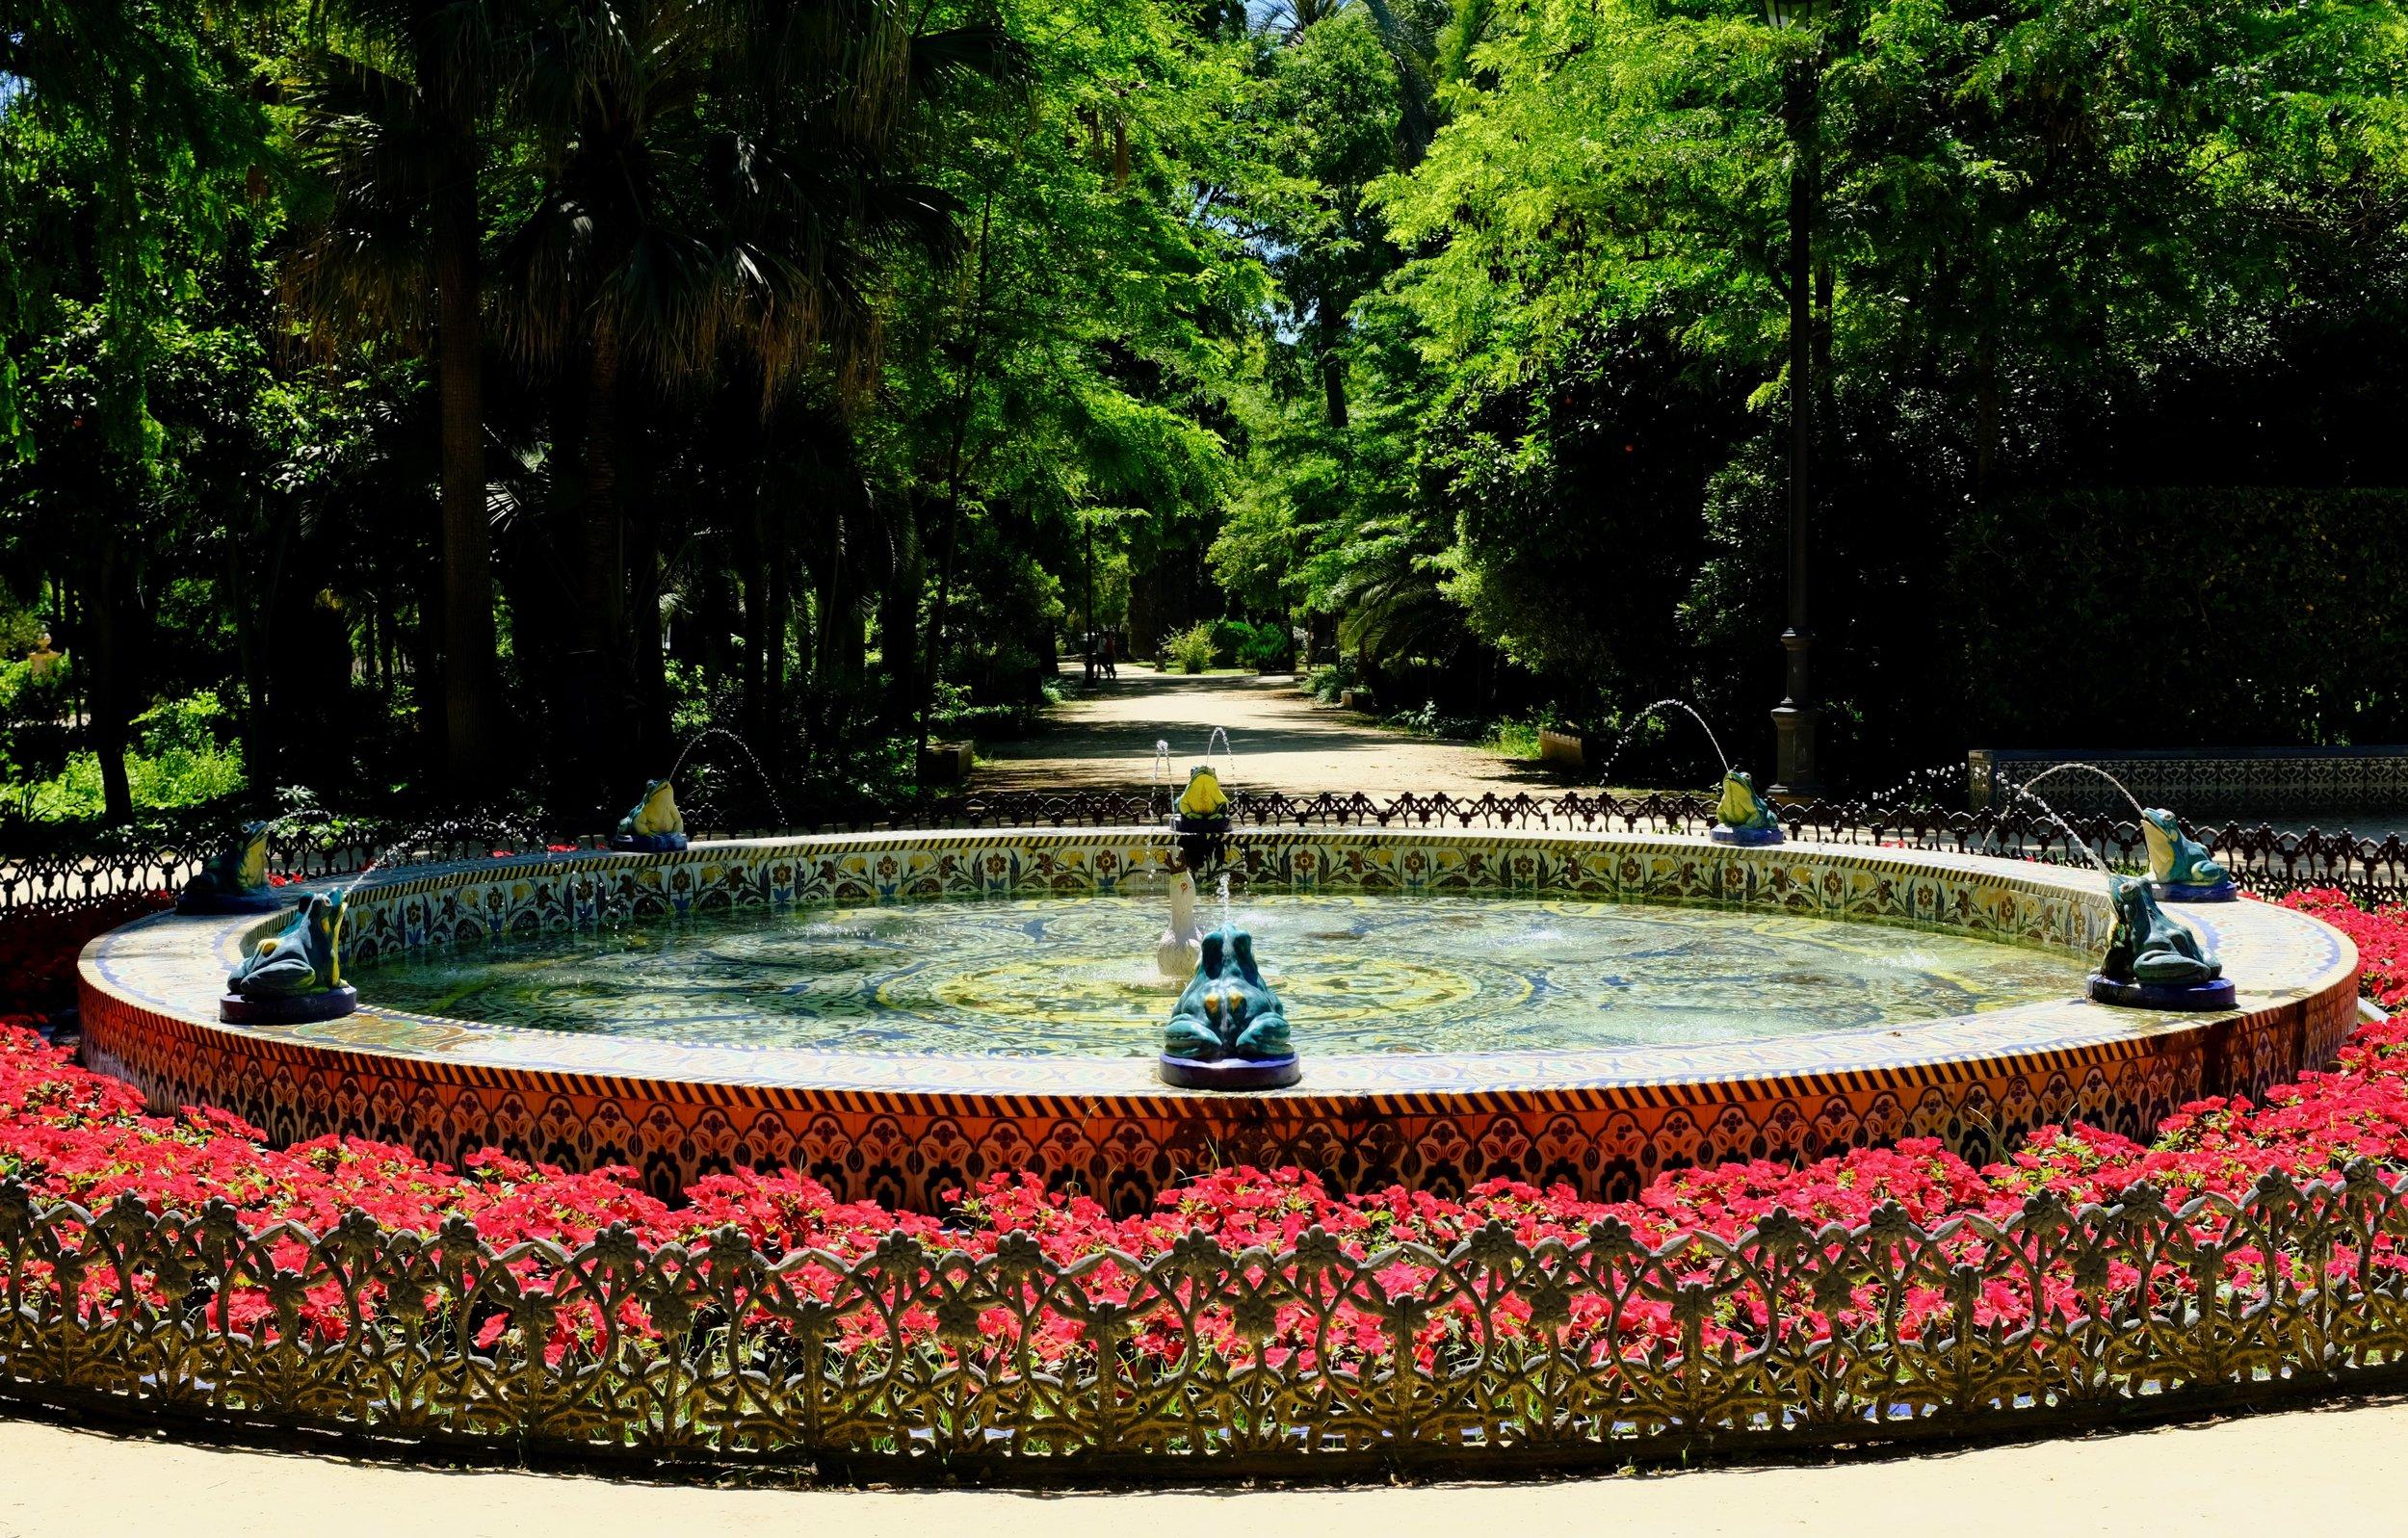 Fountain of the Frogs (Fuente de las Ranas)